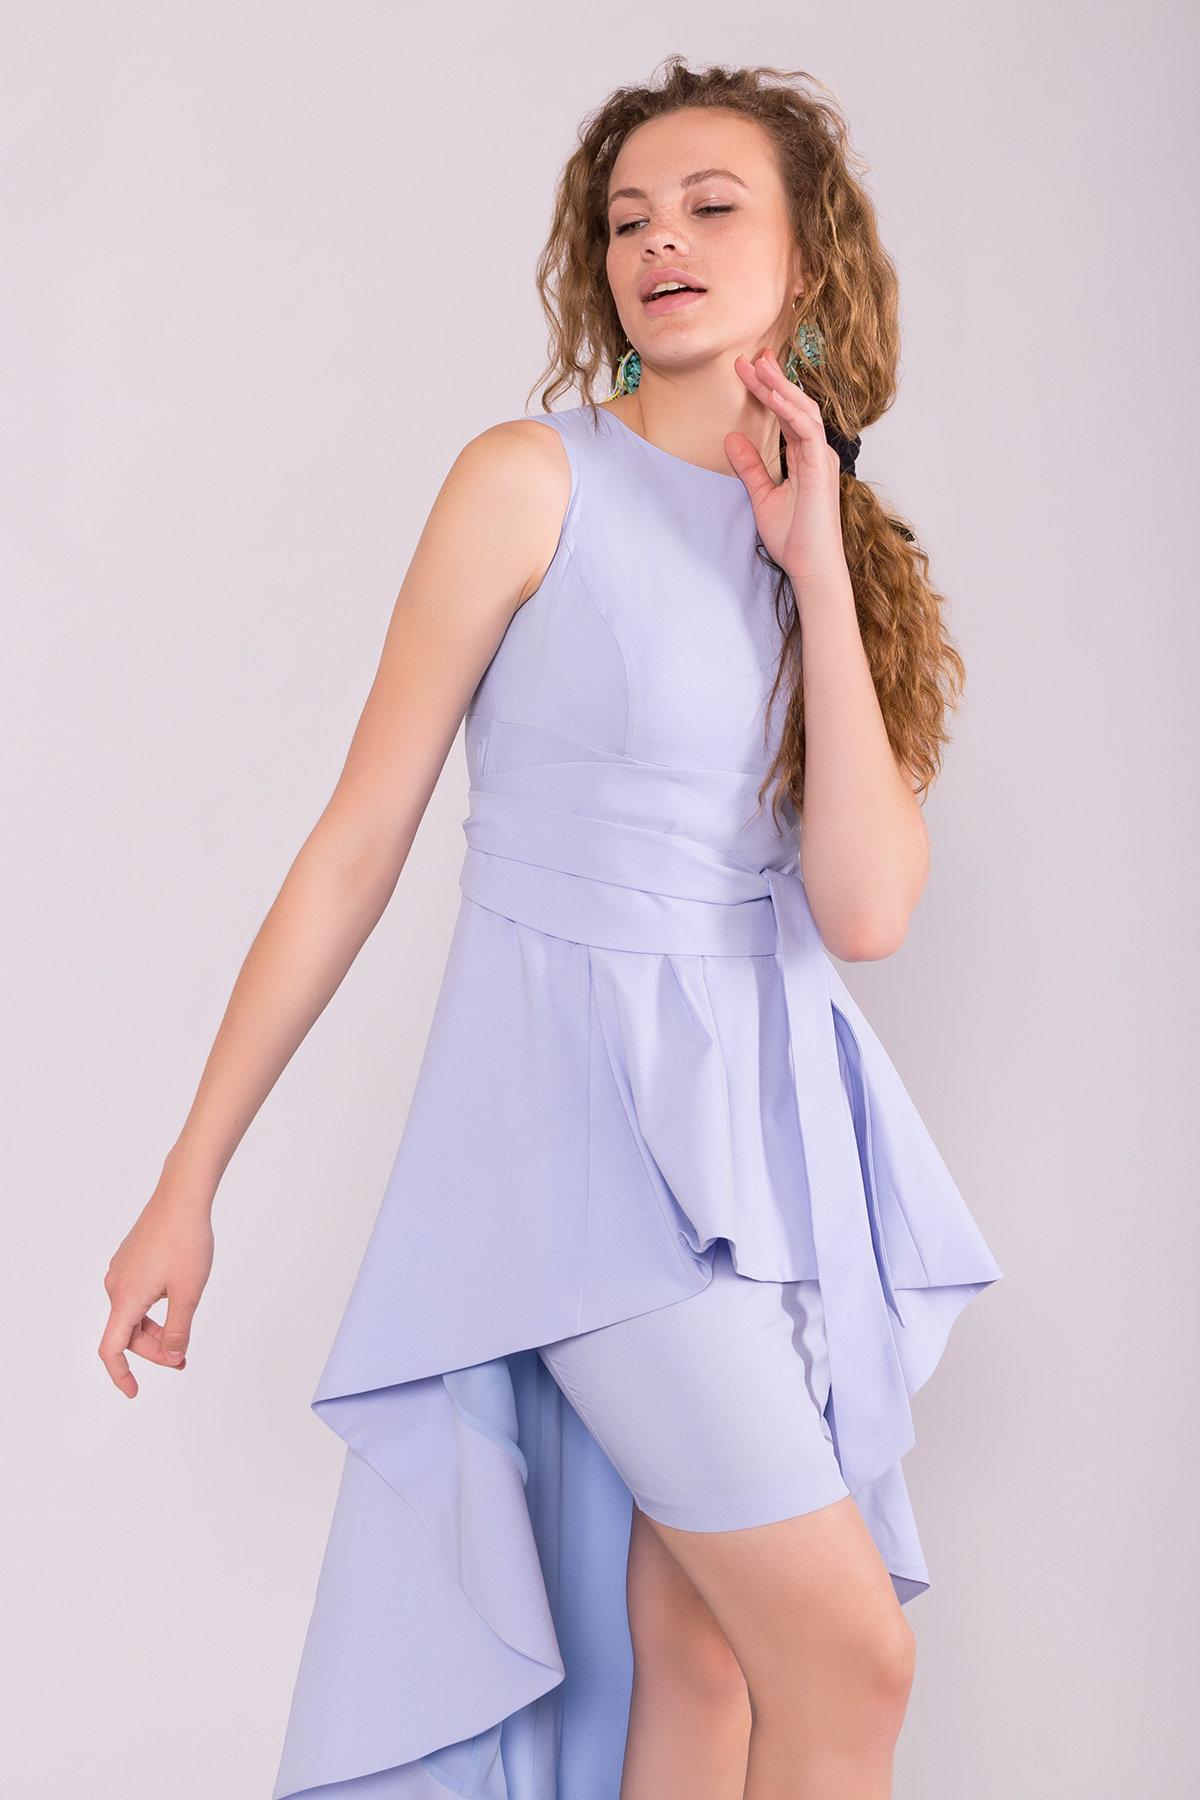 Платье Афродита 7243 АРТ. 42812 Цвет: Голубой - фото 3, интернет магазин tm-modus.ru